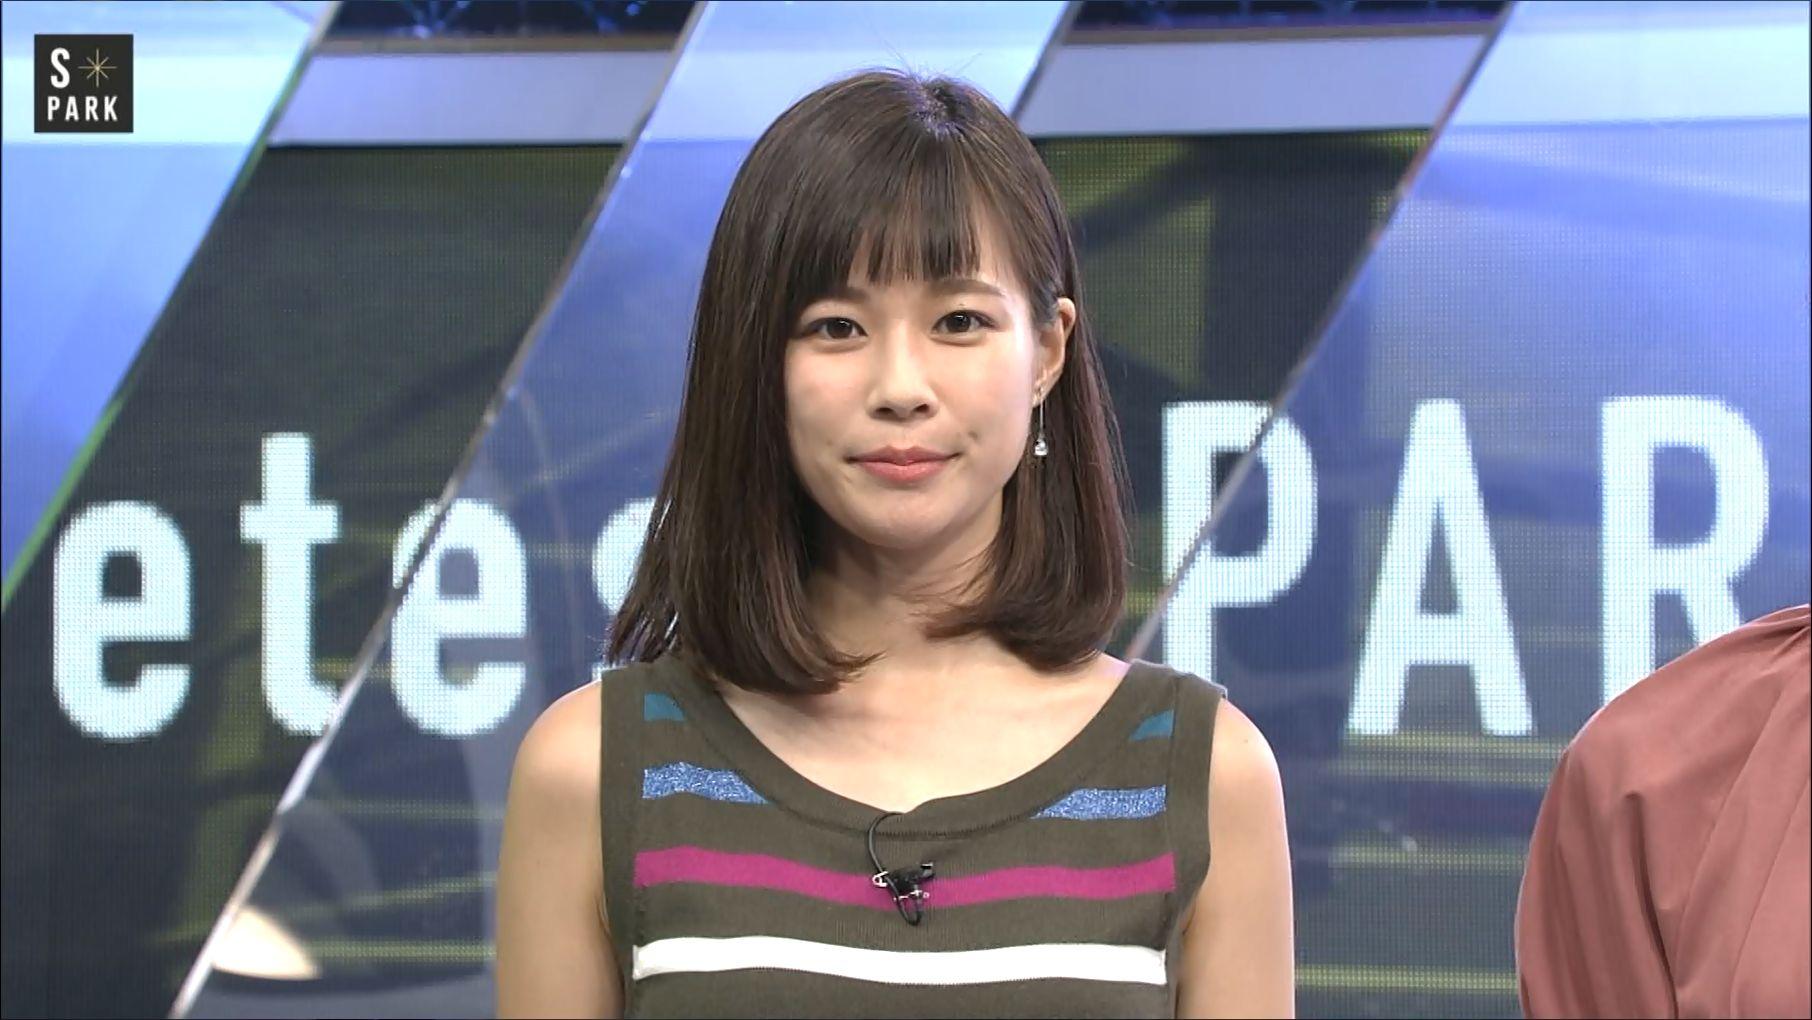 鈴木唯 S-PARK 18/08/11 : 女子...